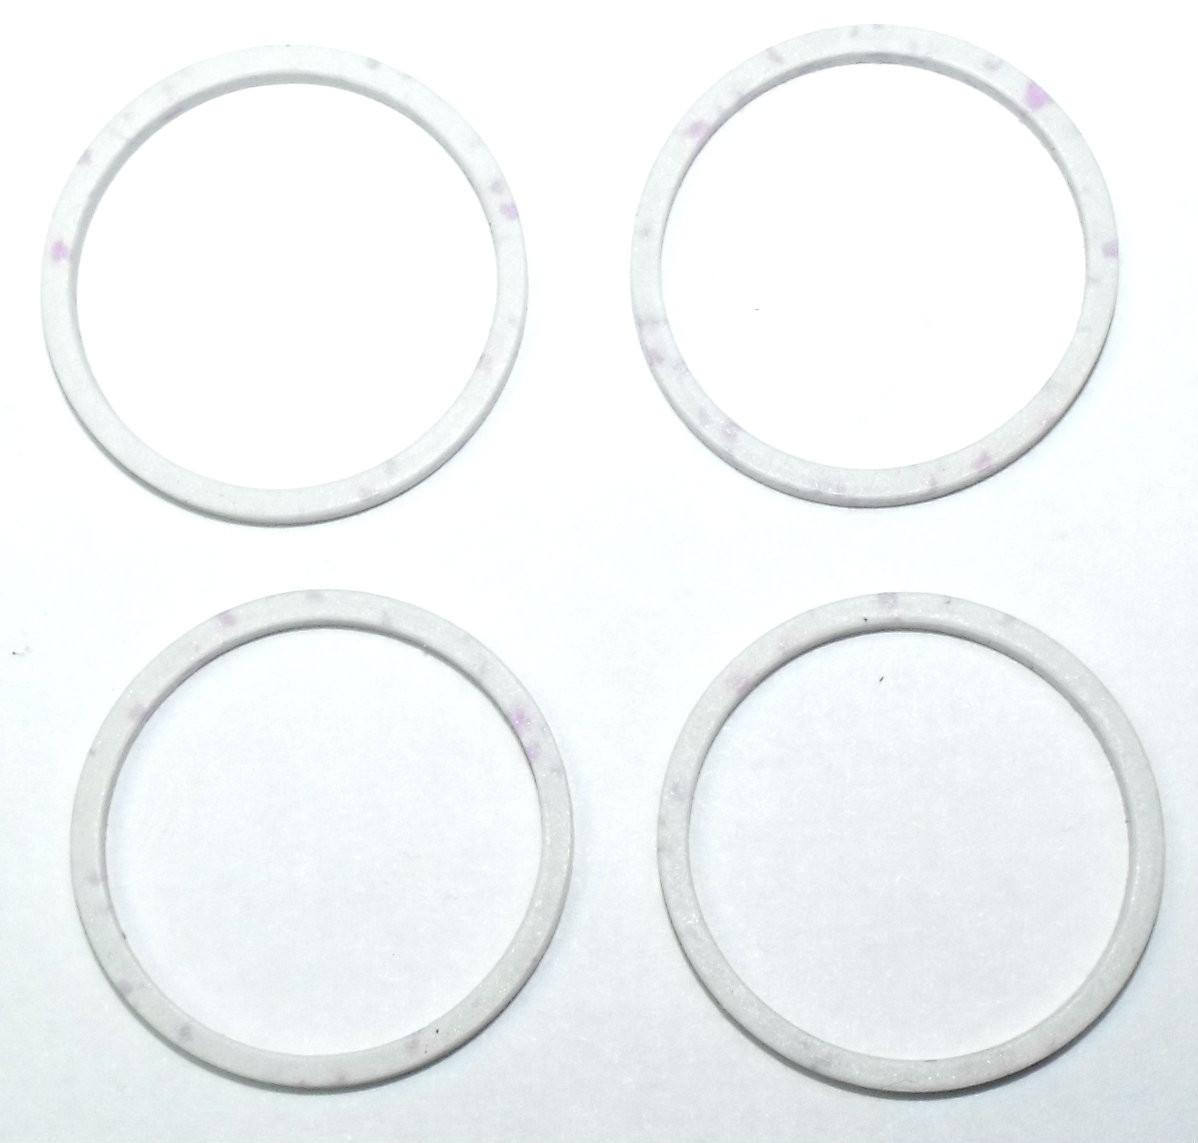 700R4|4L60E Input Shaft Teflon Sealing Ring Kit (1982-UP) 4-Rings